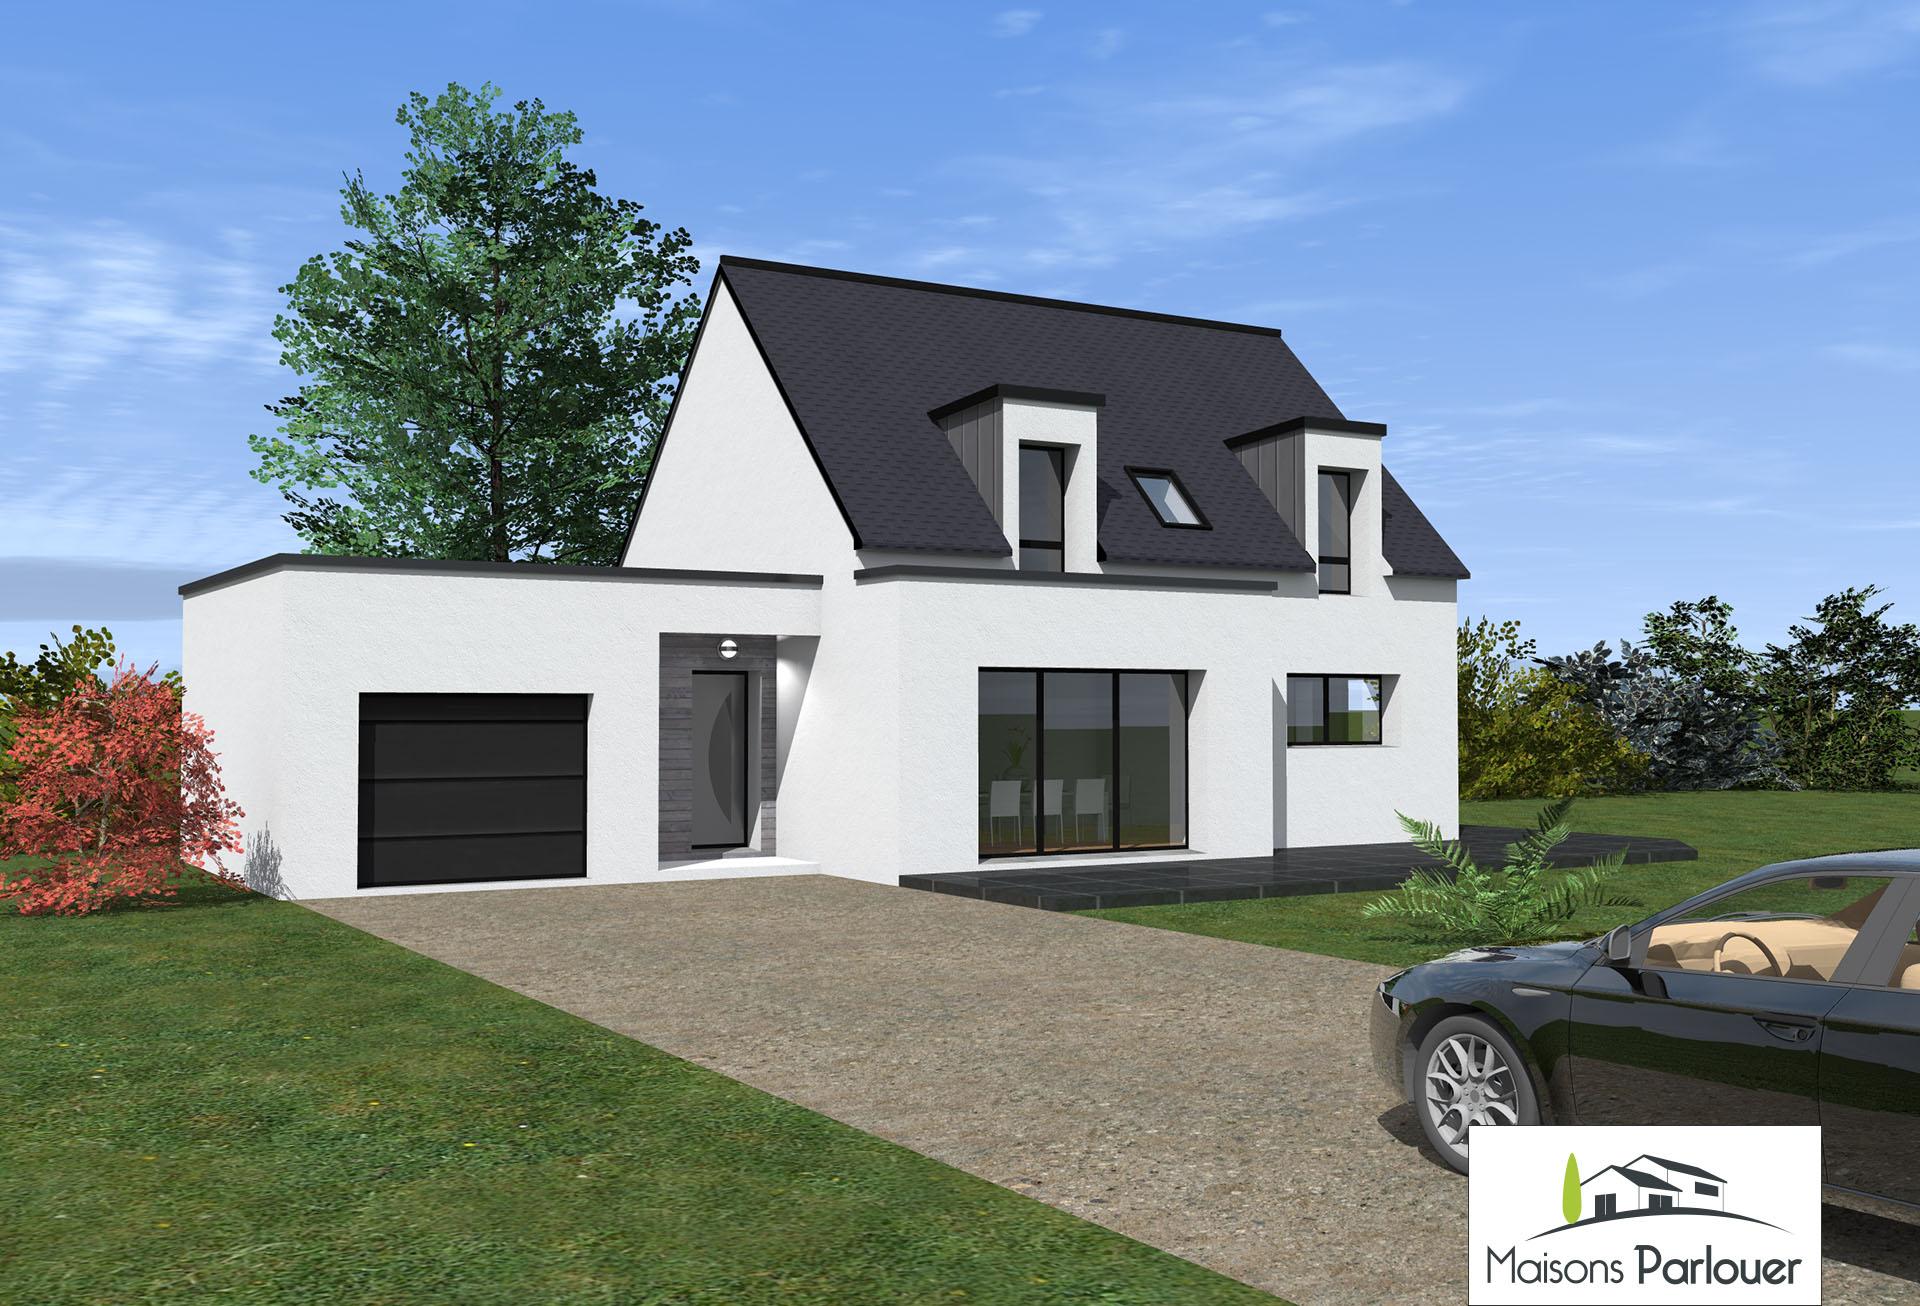 Maison avec garage toit plat ventana blog for Maison toit plat etage